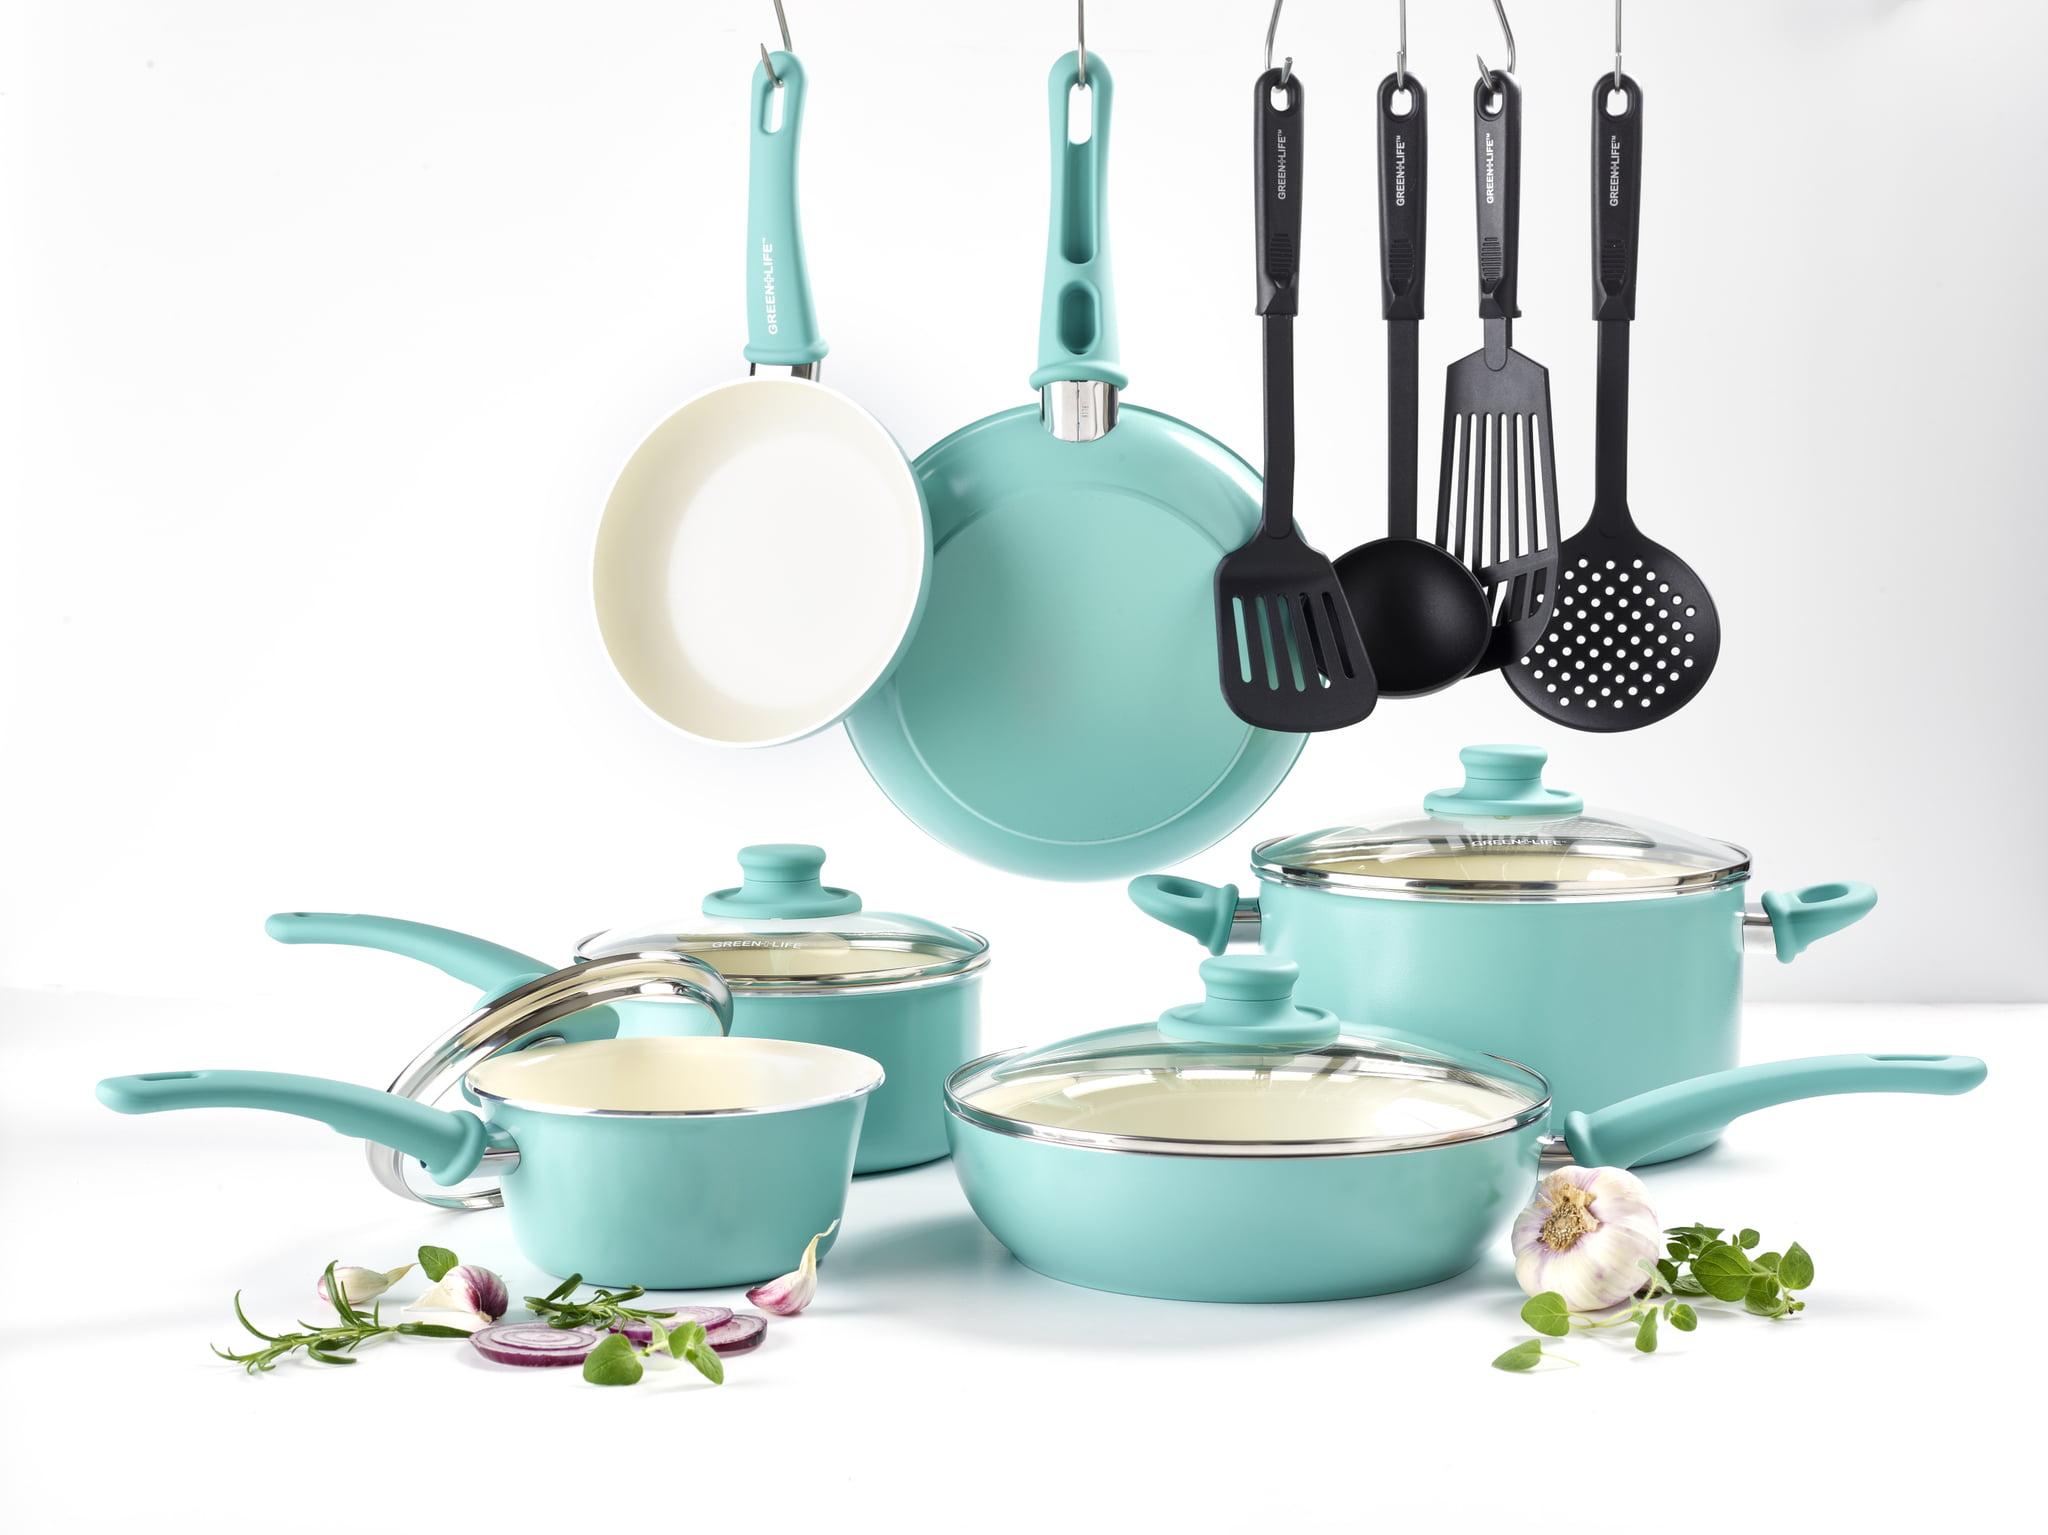 GreenLife Ceramic Non-Stick 14 Piece Cookware Set - Walmart.com